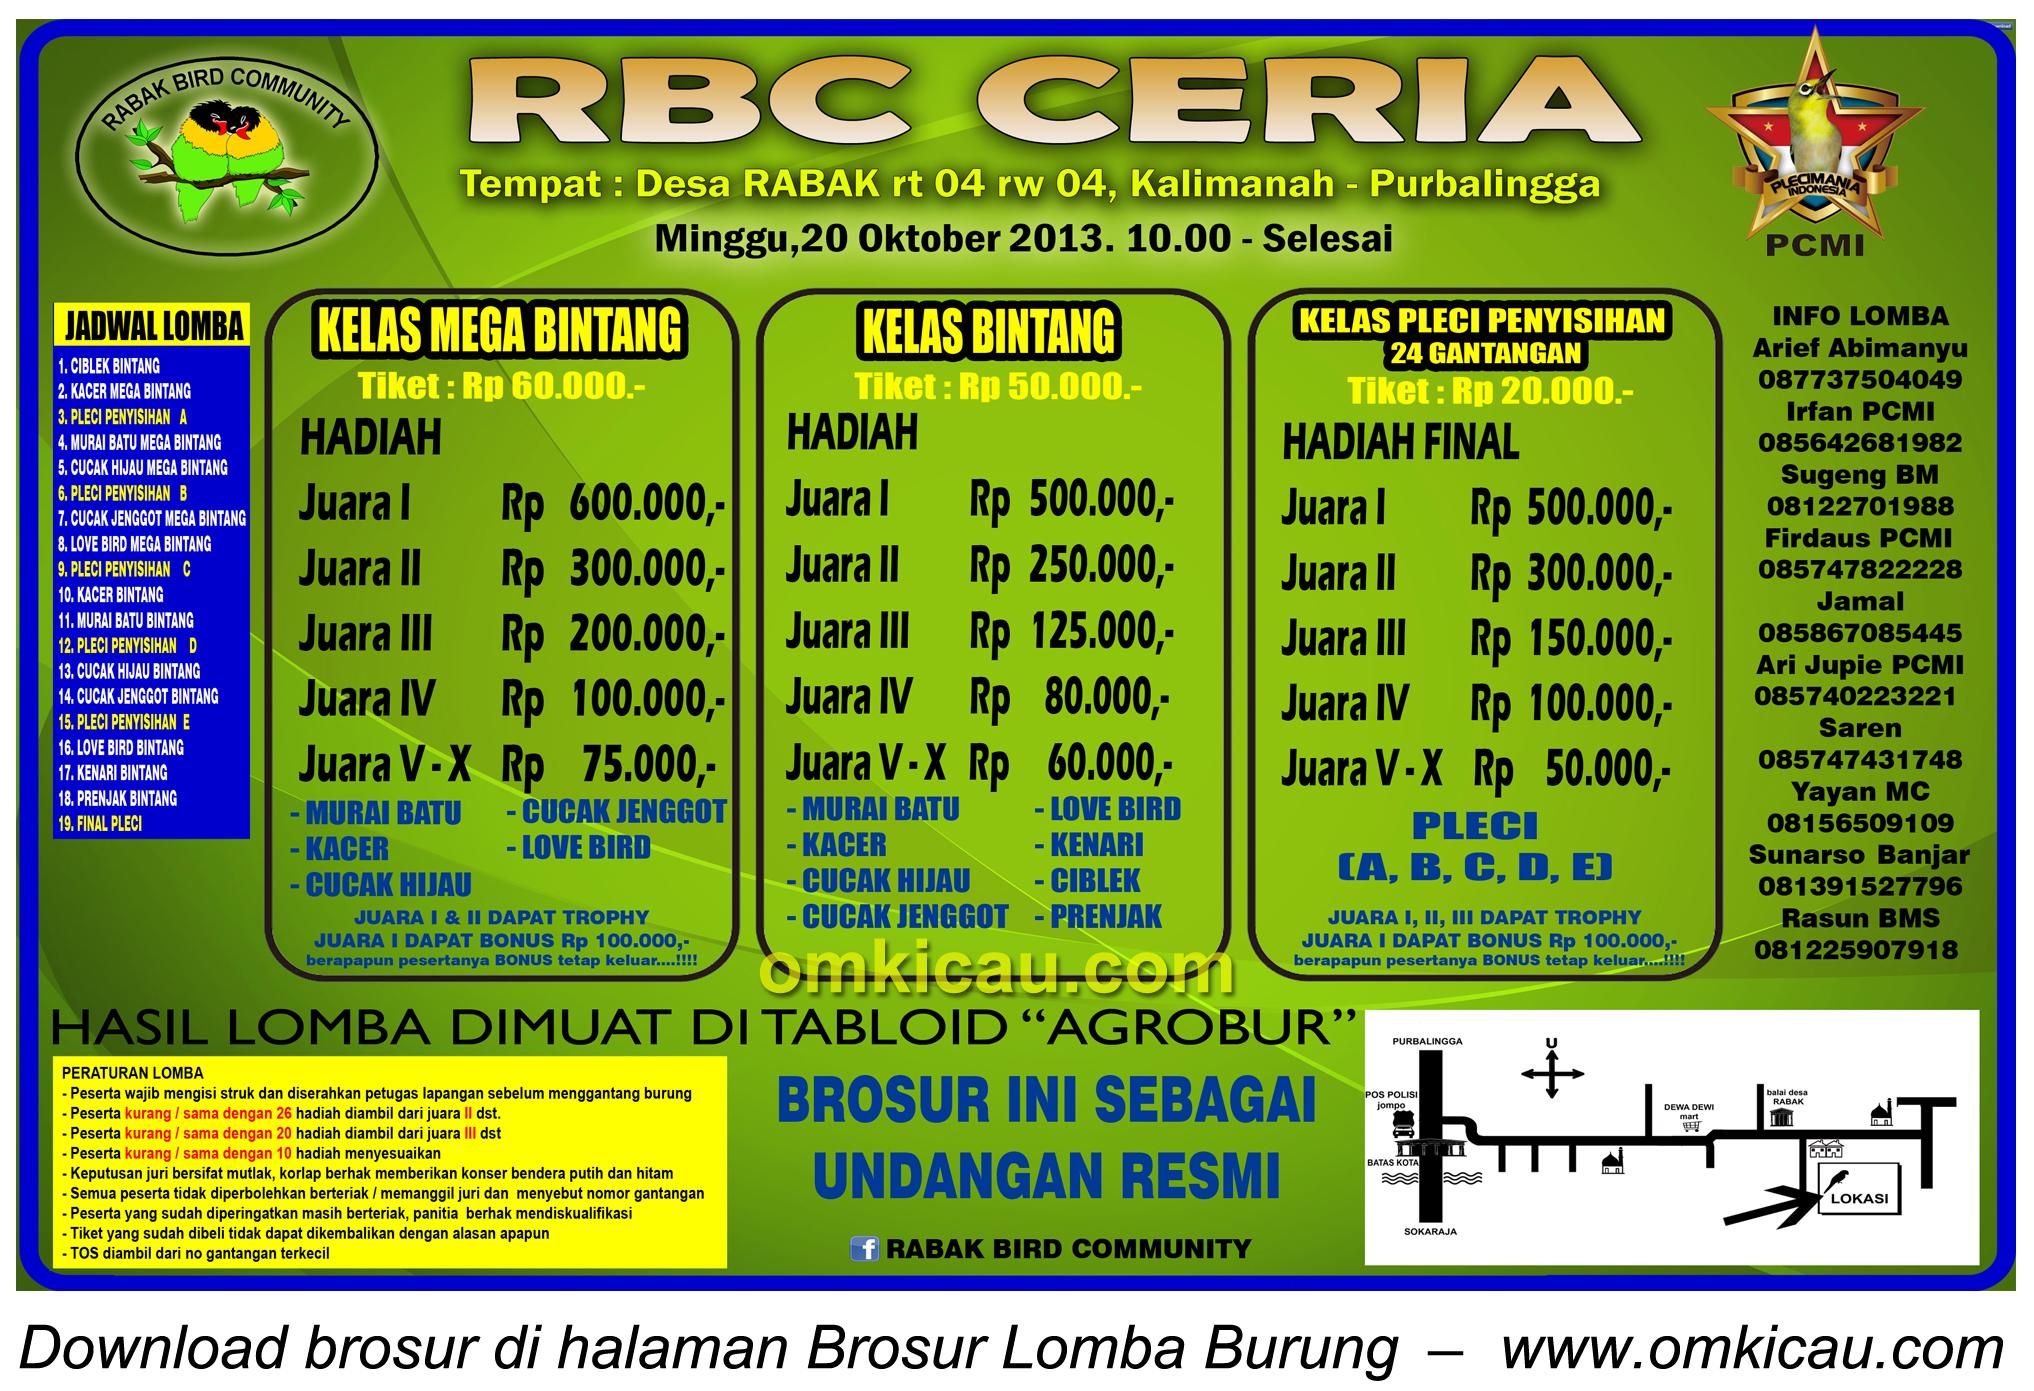 Brosur Lomba Burung RBC Ceria, Purbalingga, 20 Oktober 2013